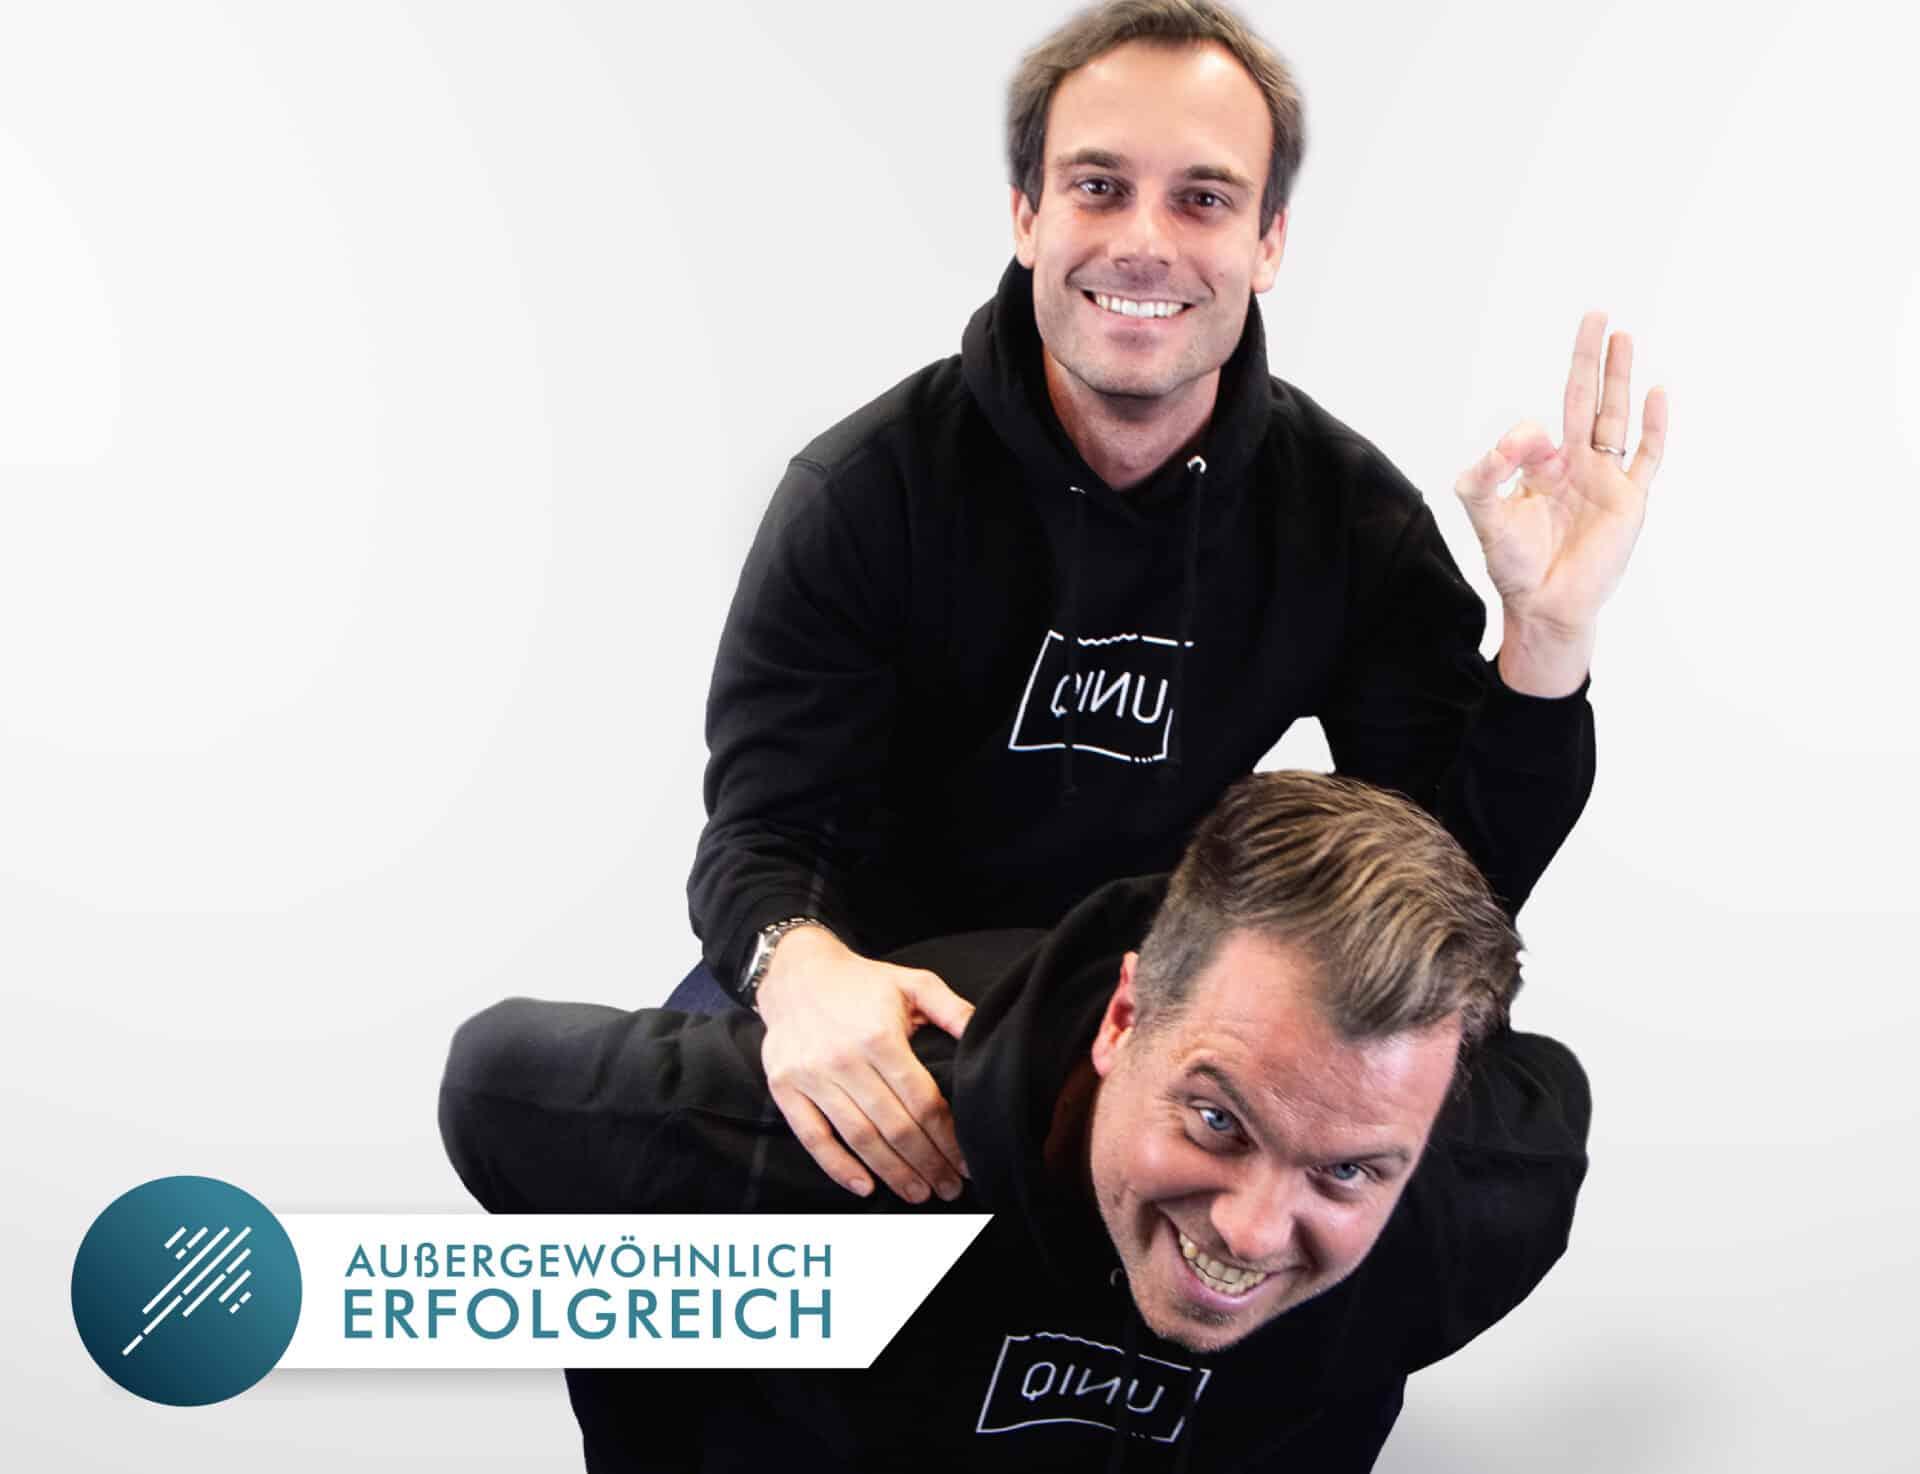 Urlaubsguru-Gründer Daniel Krahn und Daniel Marx